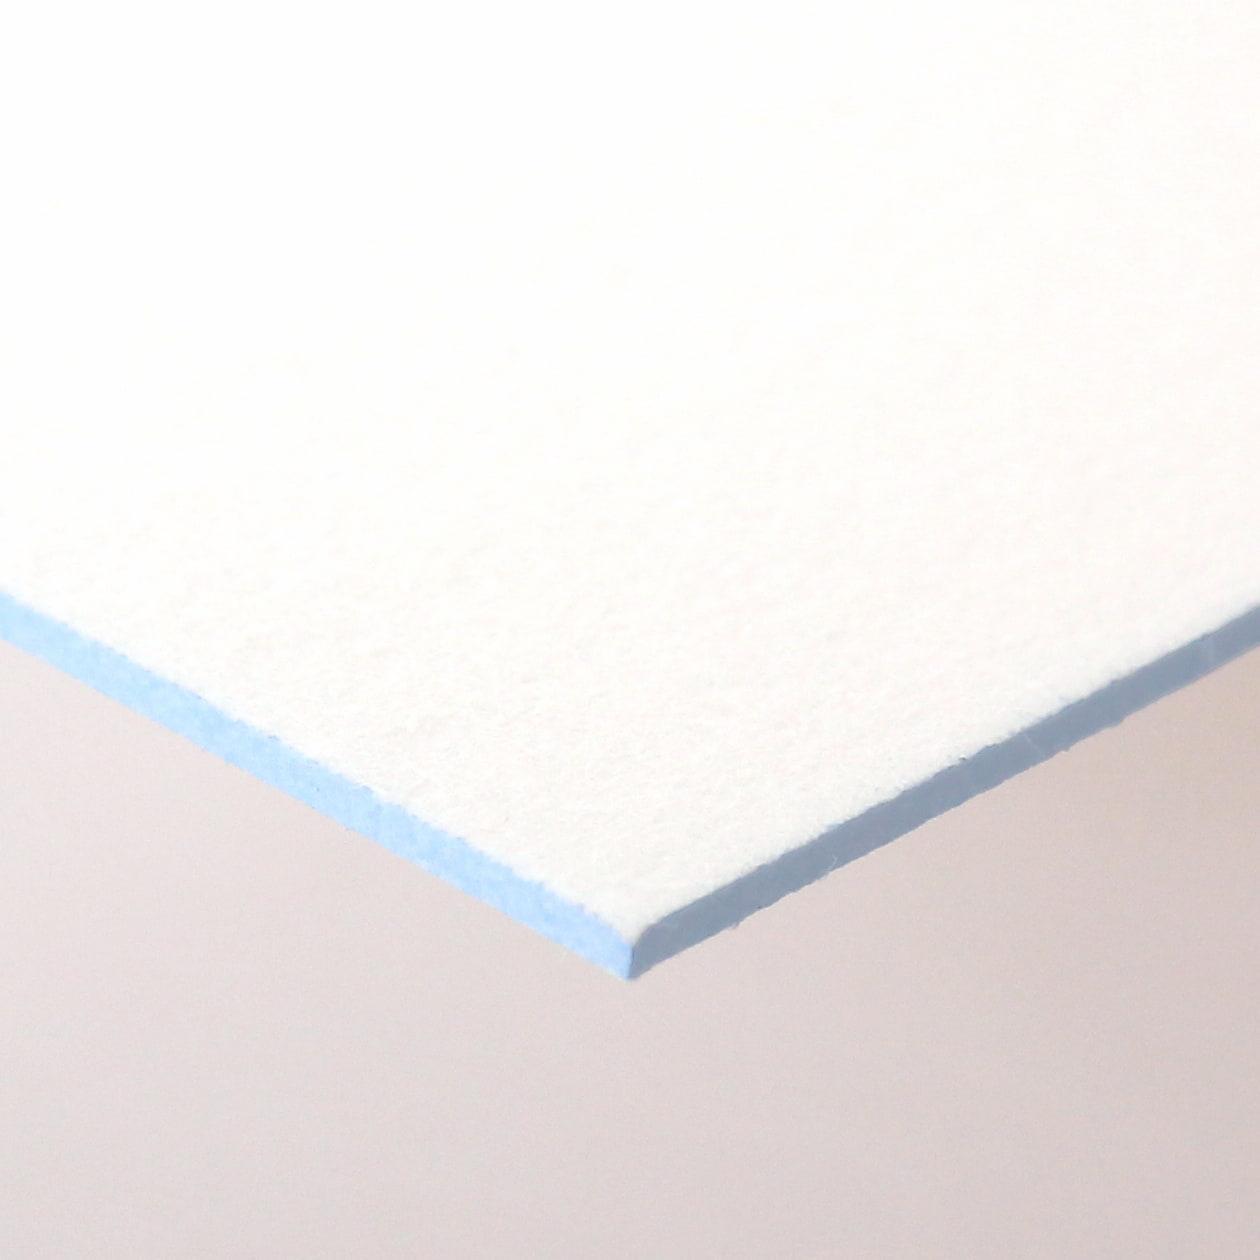 サンプル カード・シート 00353